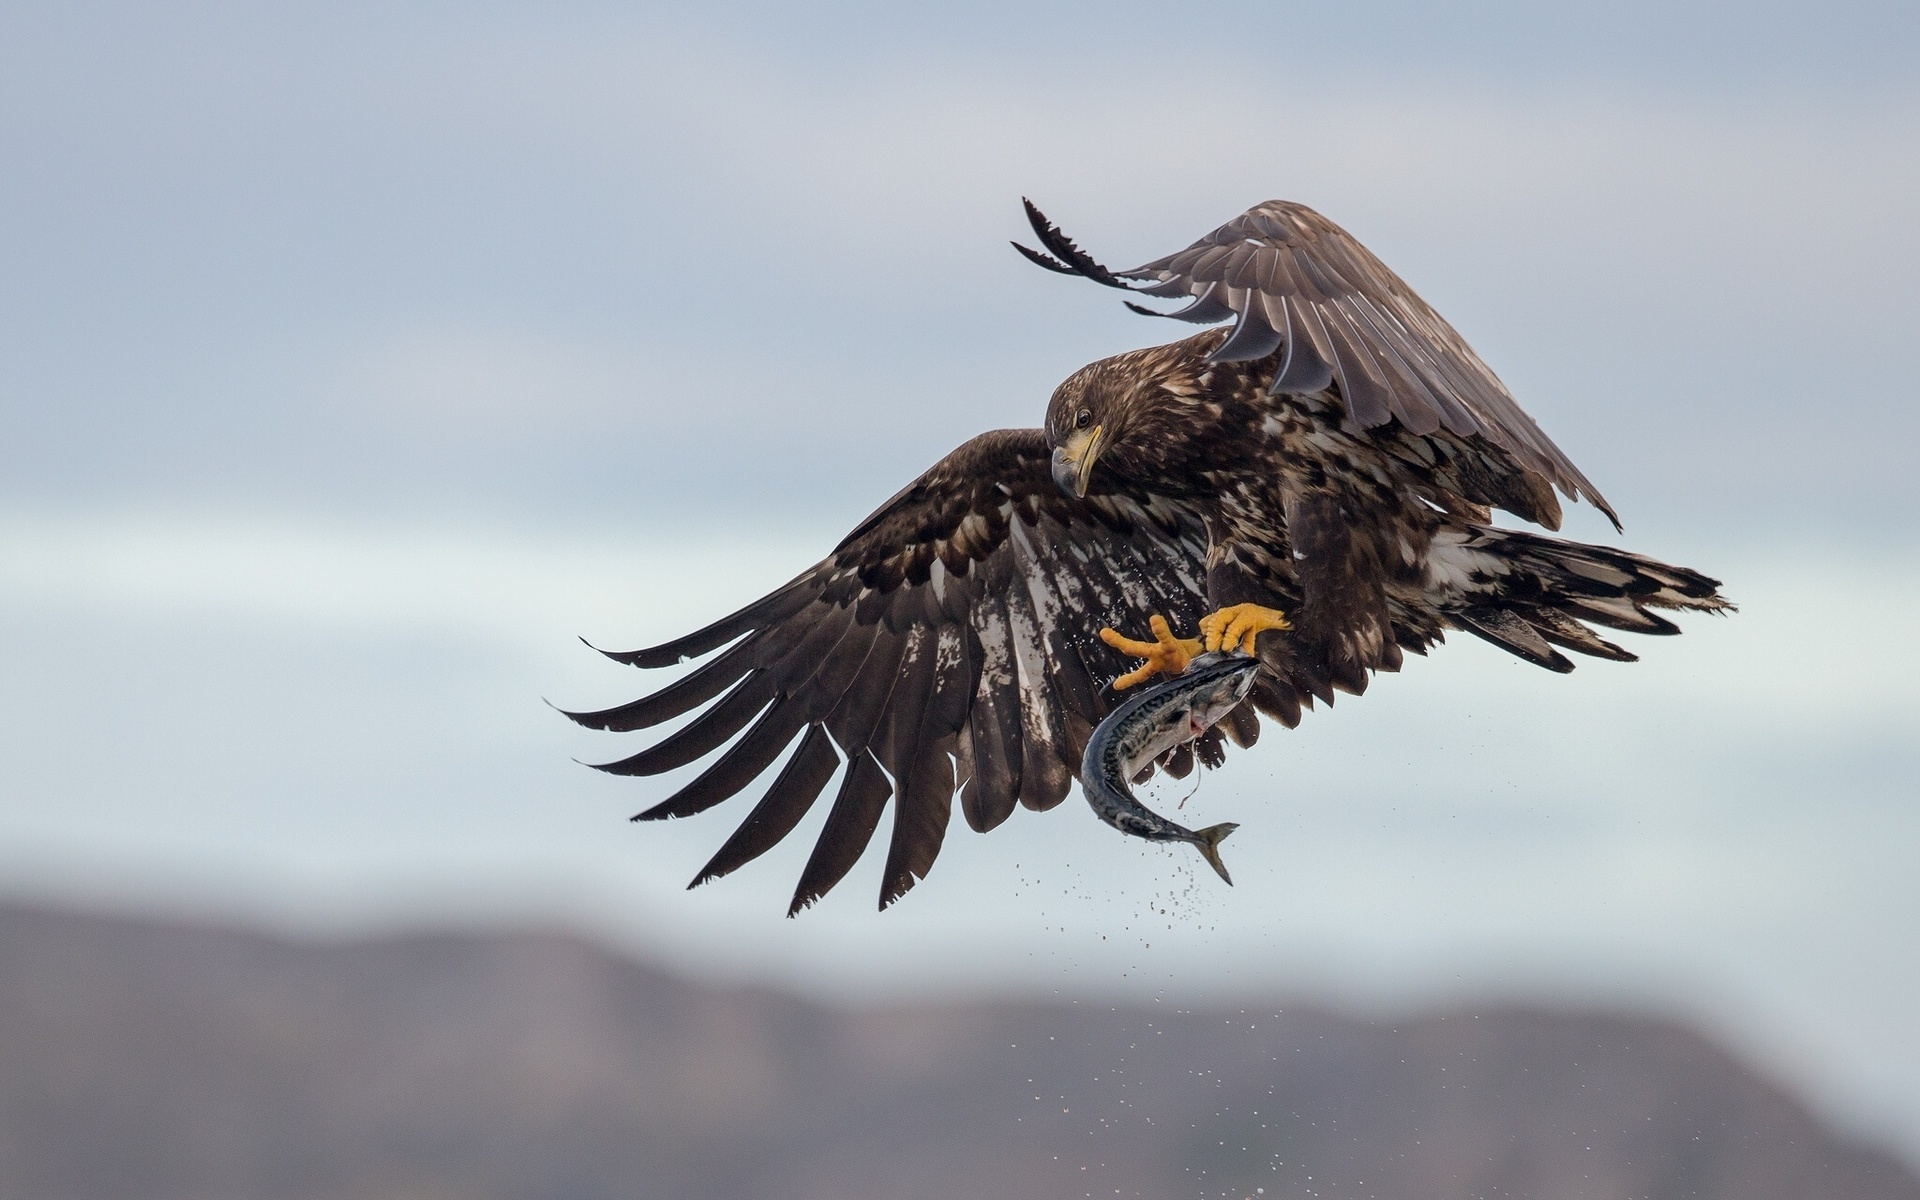 Фото птиц в полете и с добычей